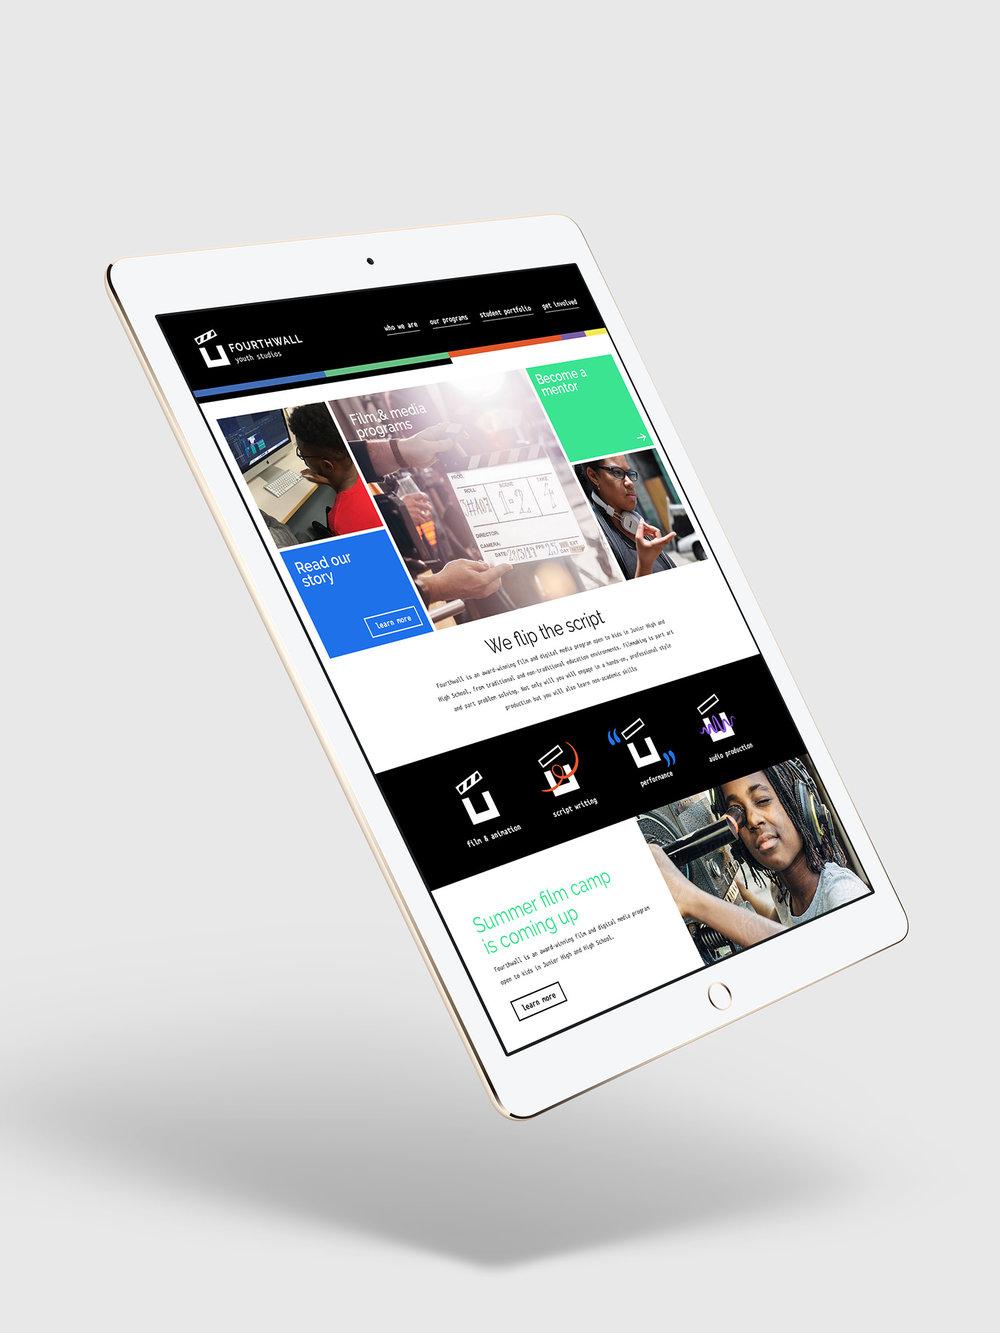 Fourthwall_Homepage_iPad.jpg